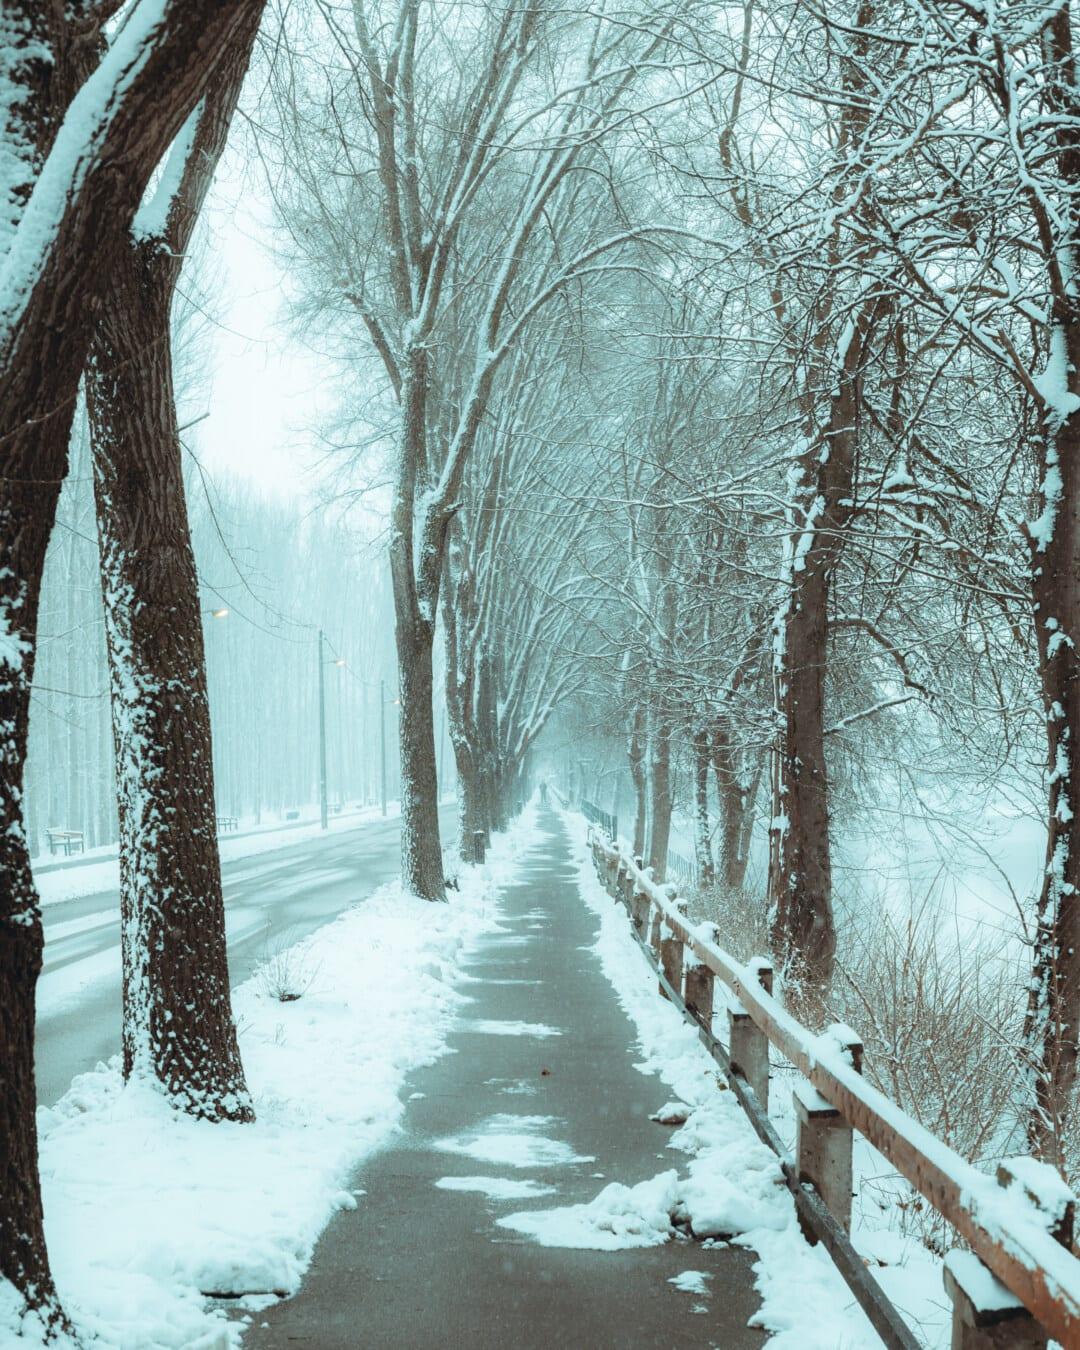 Hiver, route forestière, asphalte, vide, Itinéraire, gel, froide, ruelle, neigeux, gel